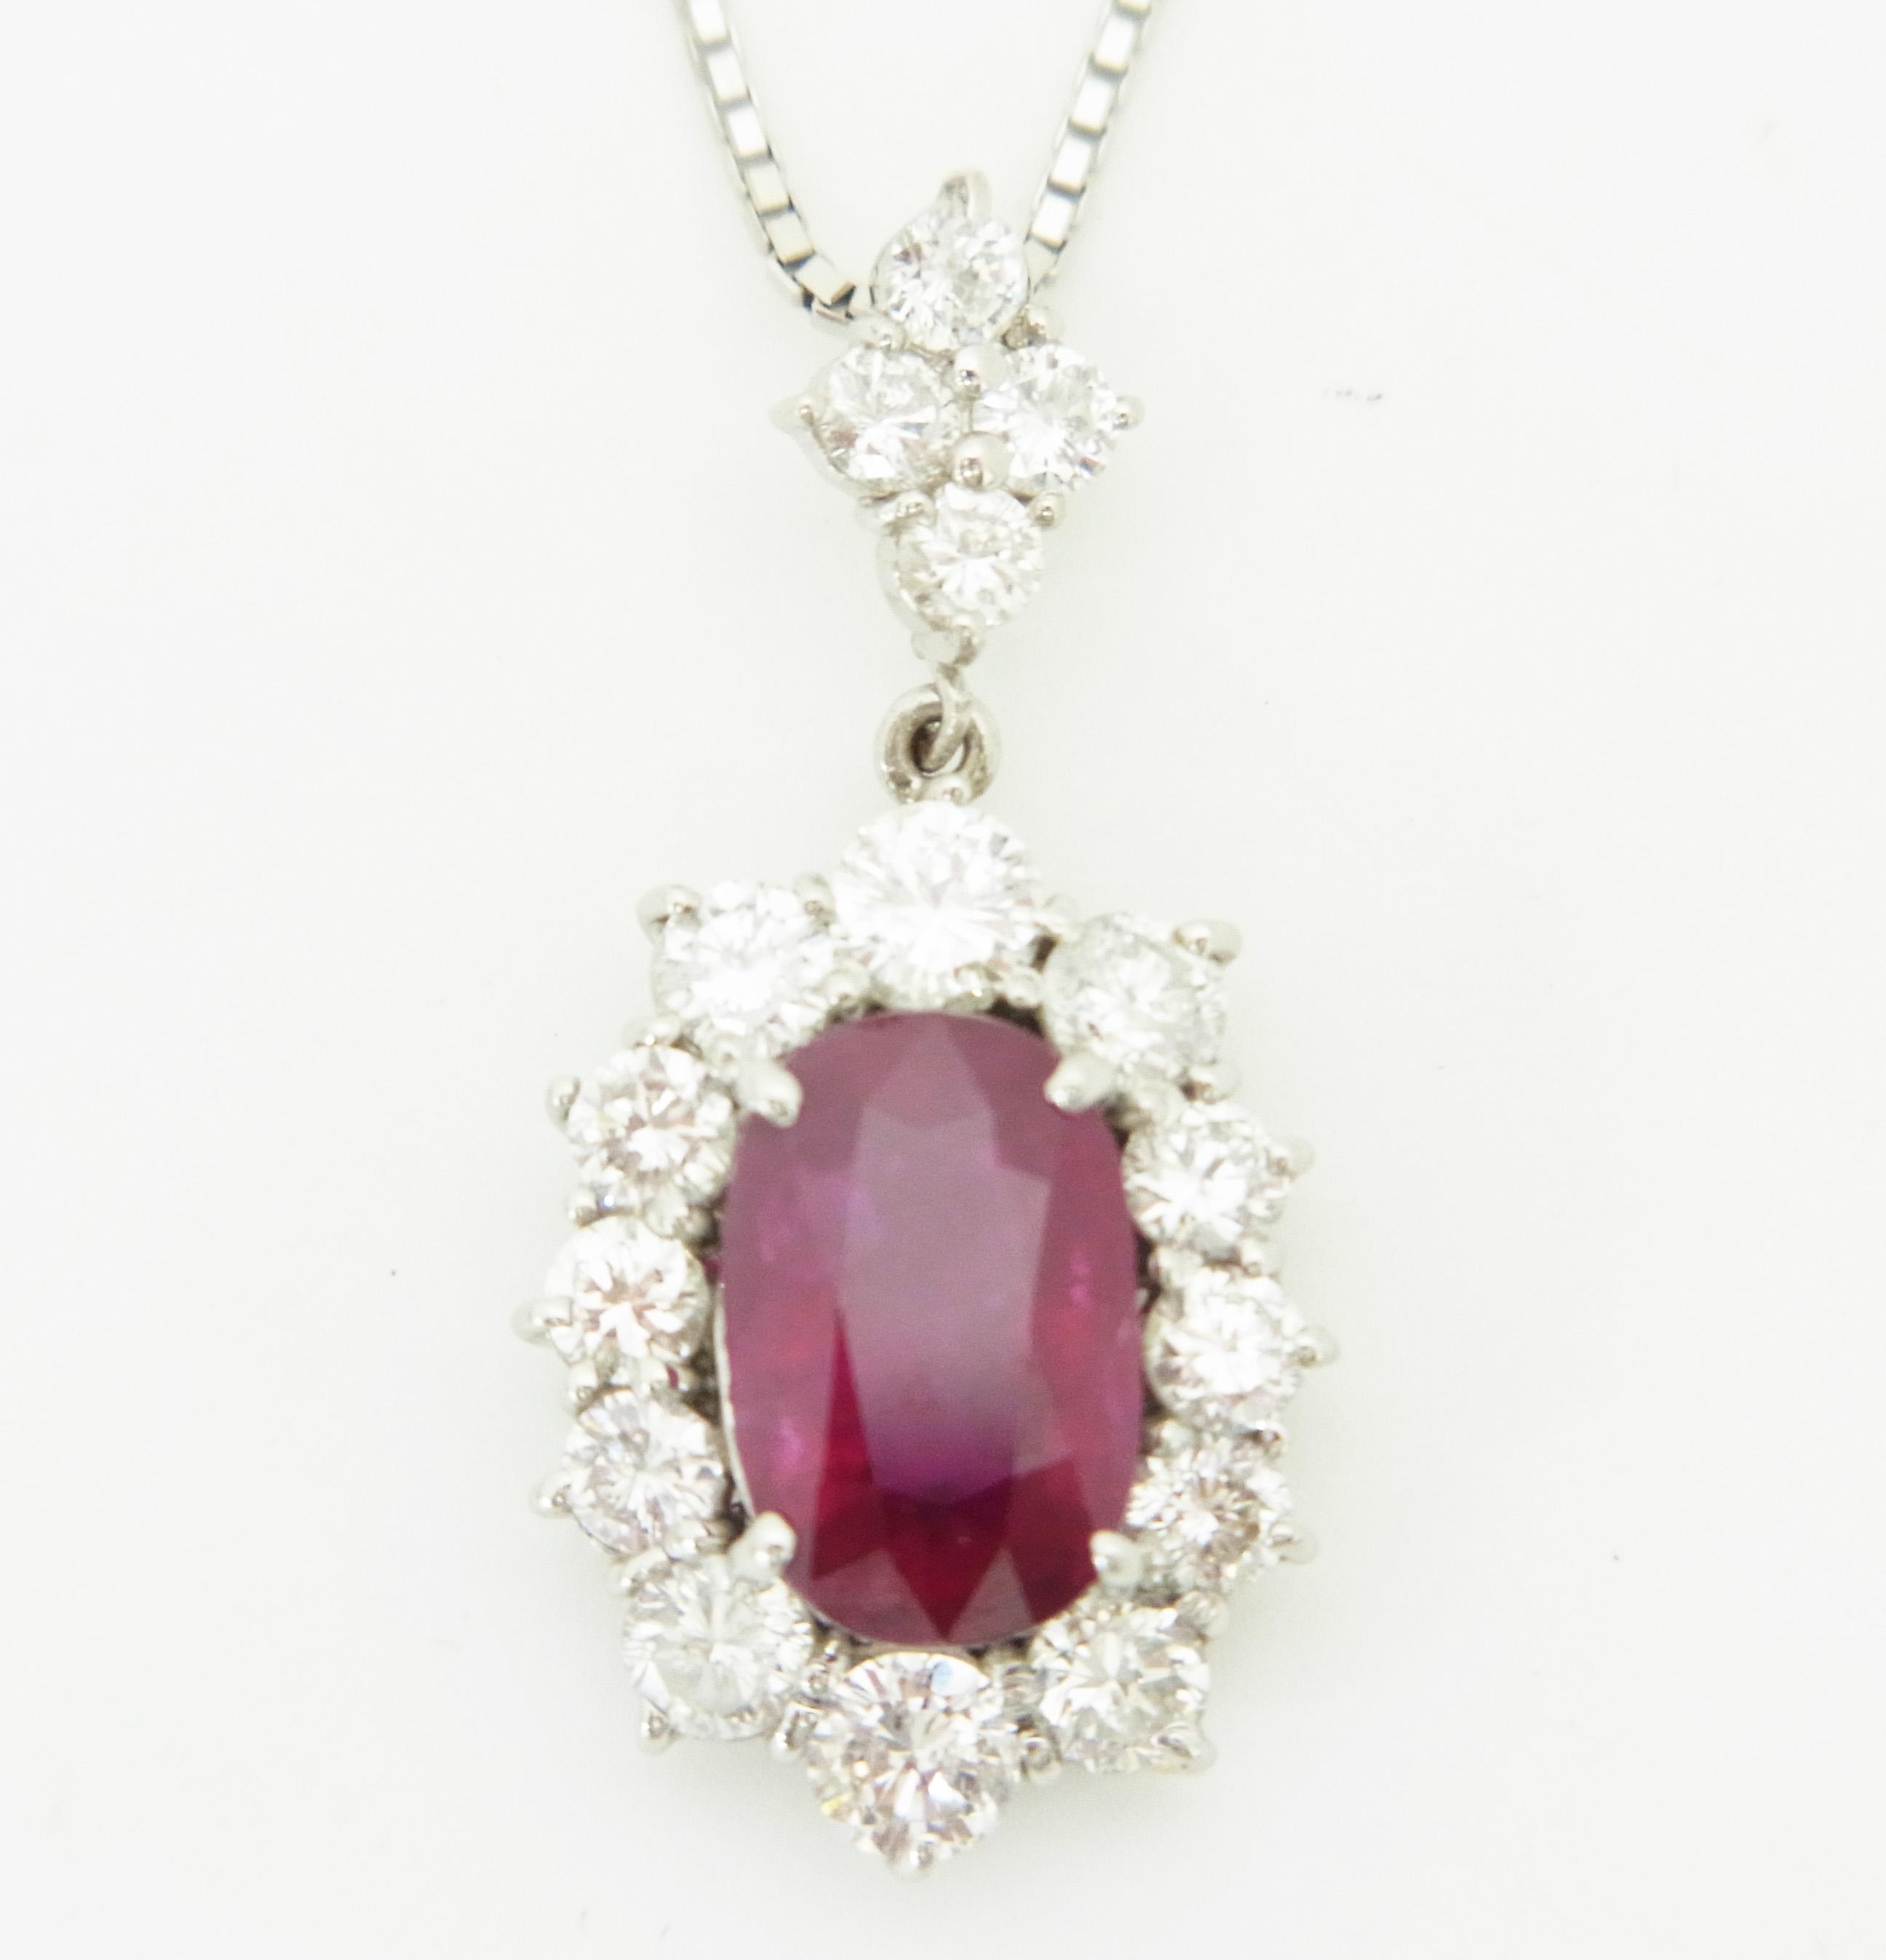 ルビーネックレス 【石目】ルビー3.041ct ダイヤモンド…の画像